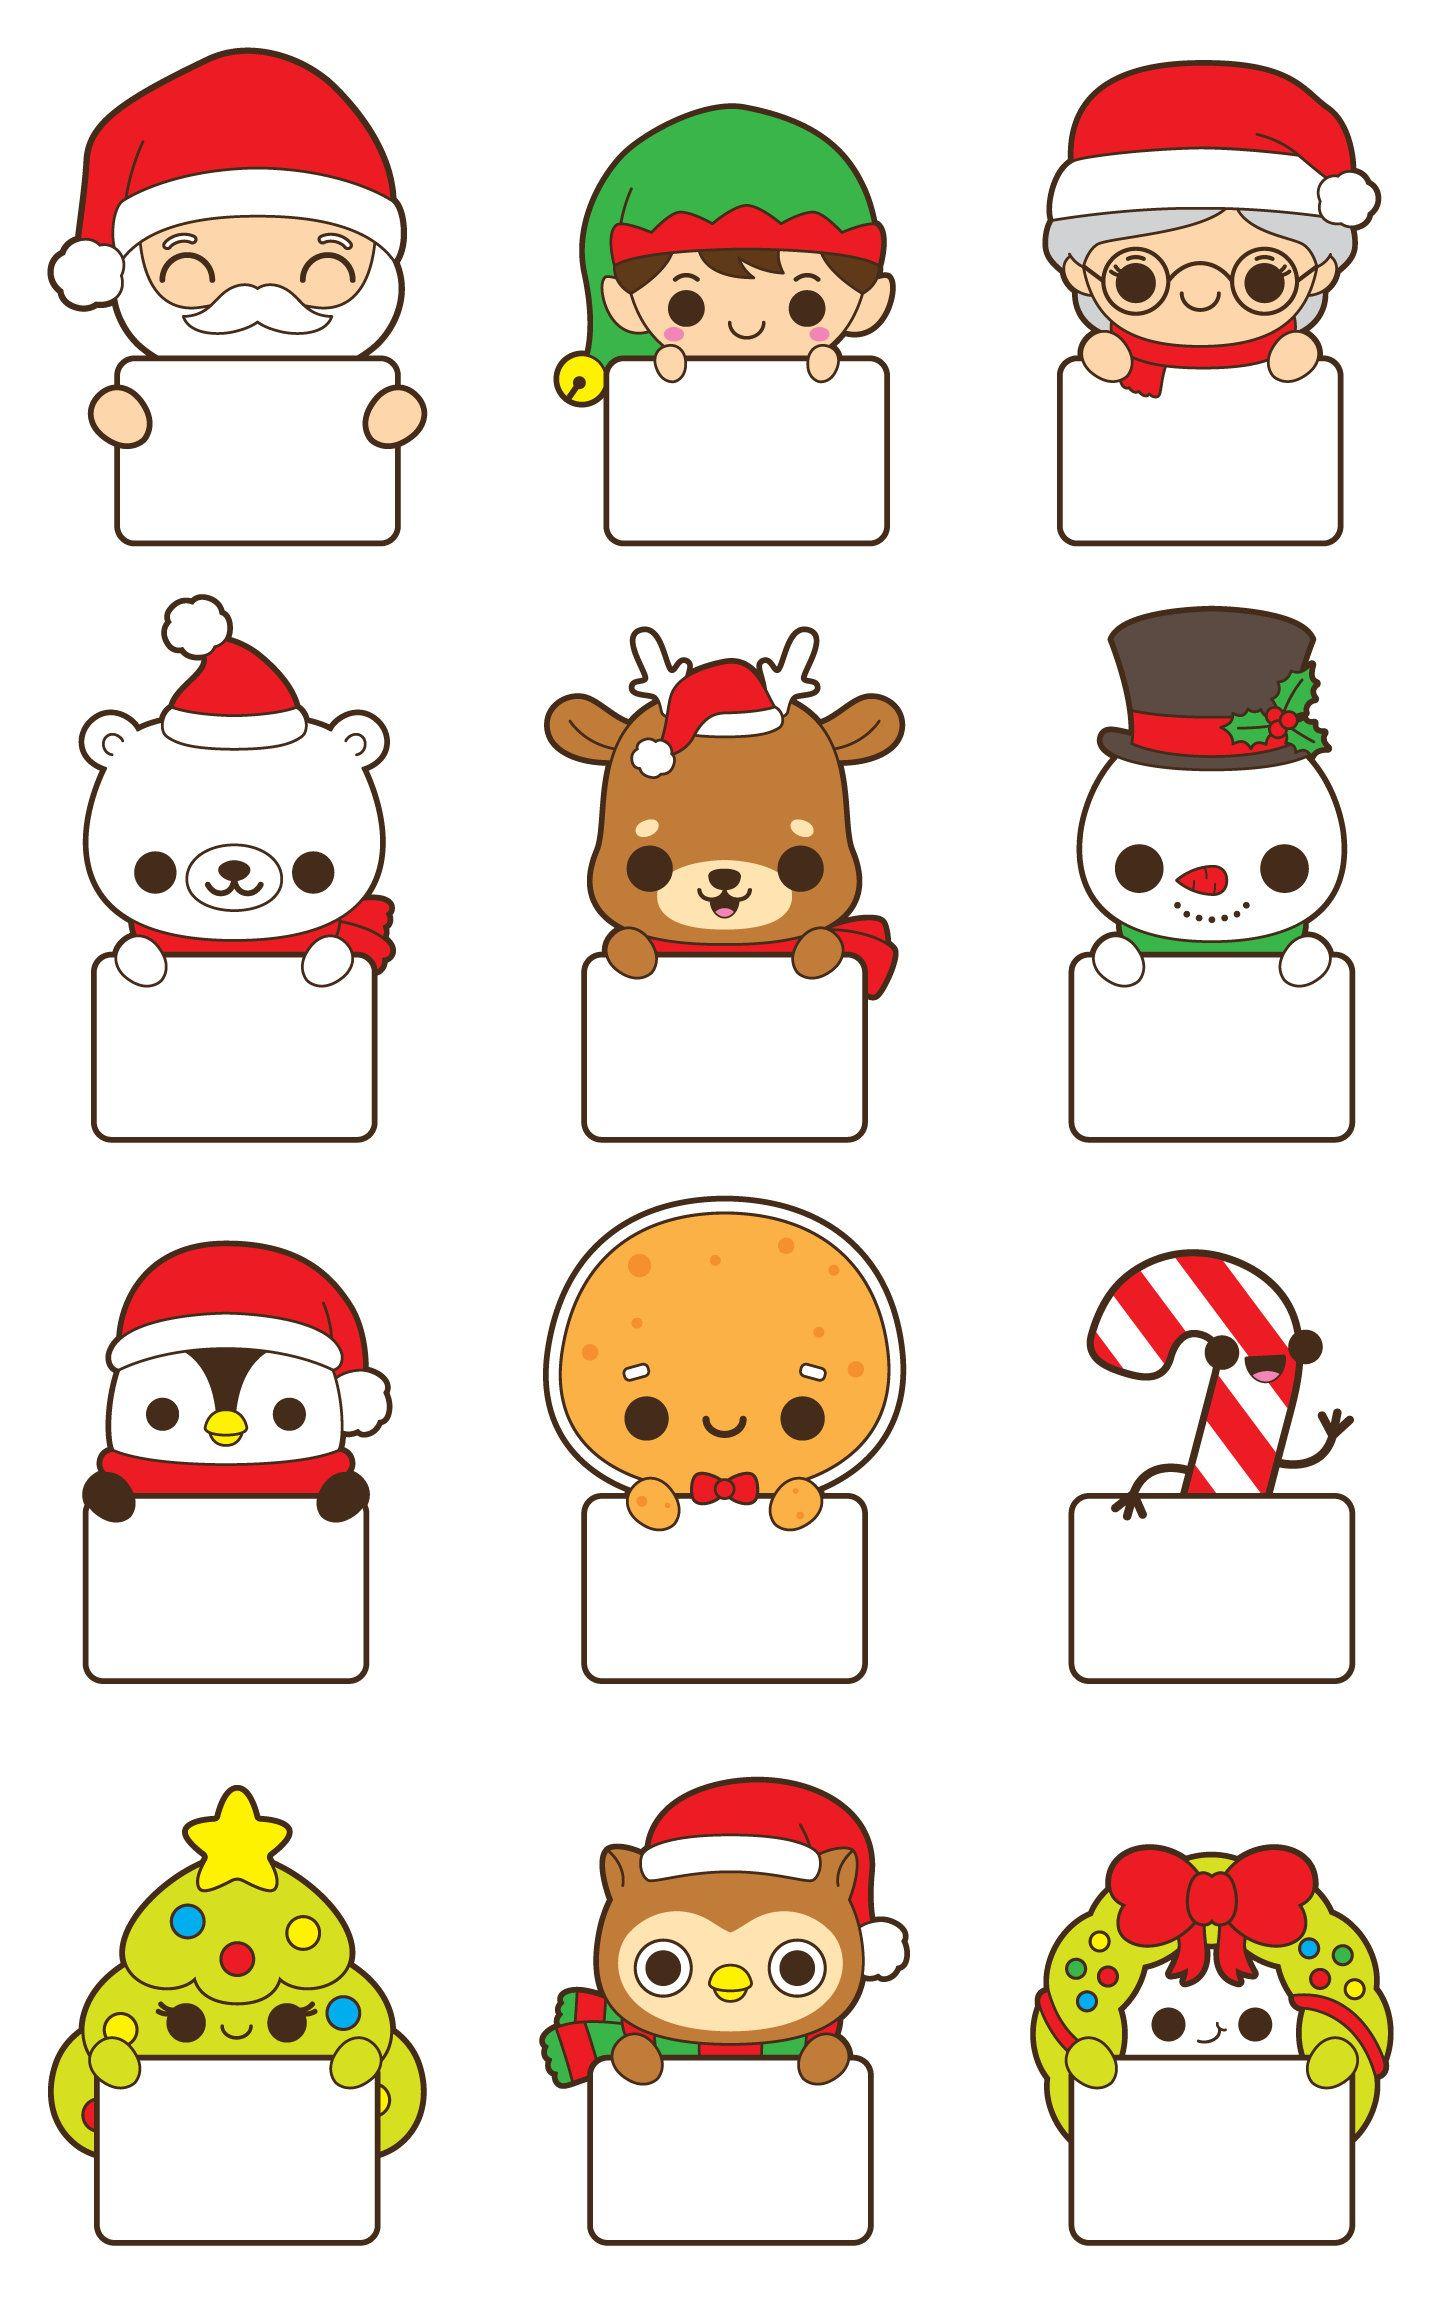 Christmas Candy Clipart Christmas Bear Clipart Christmas Clipart Santa Claus Clipart Cute Penguin Clipart Holding Sign Clipart Kawaii Kawaii Christmas Christmas Bear Easy Christmas Drawings